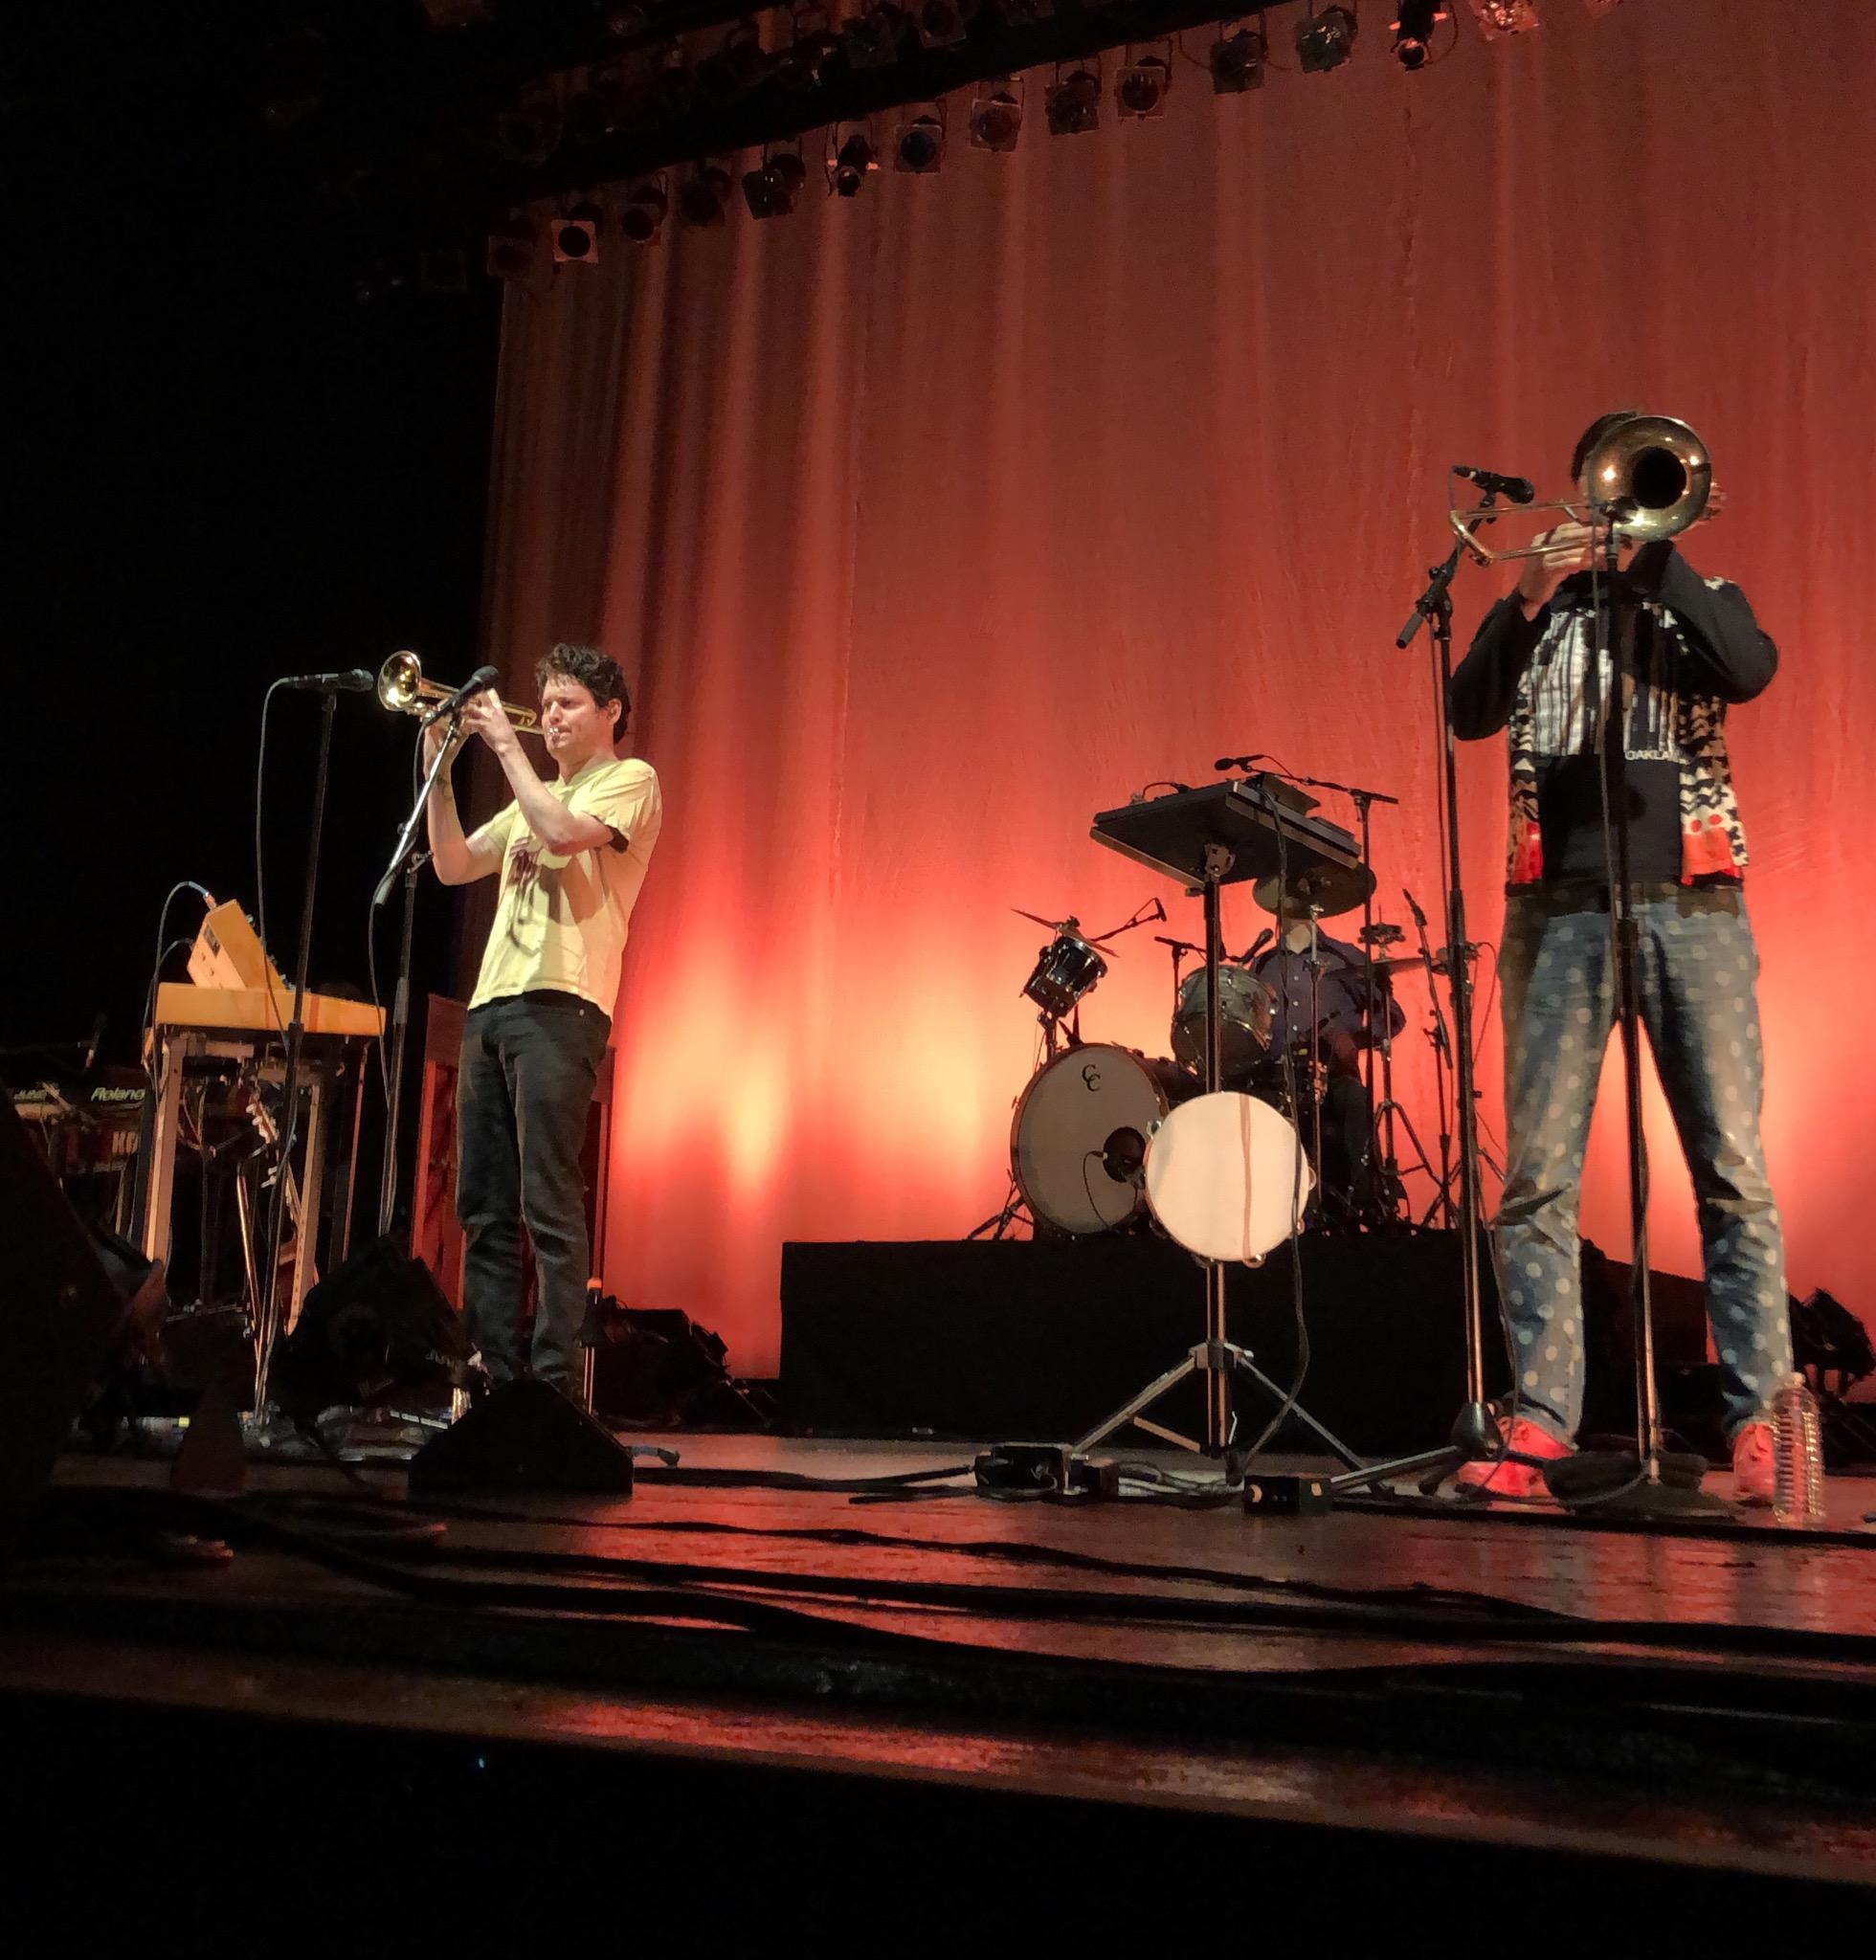 Beirut (band) - Wikipedia